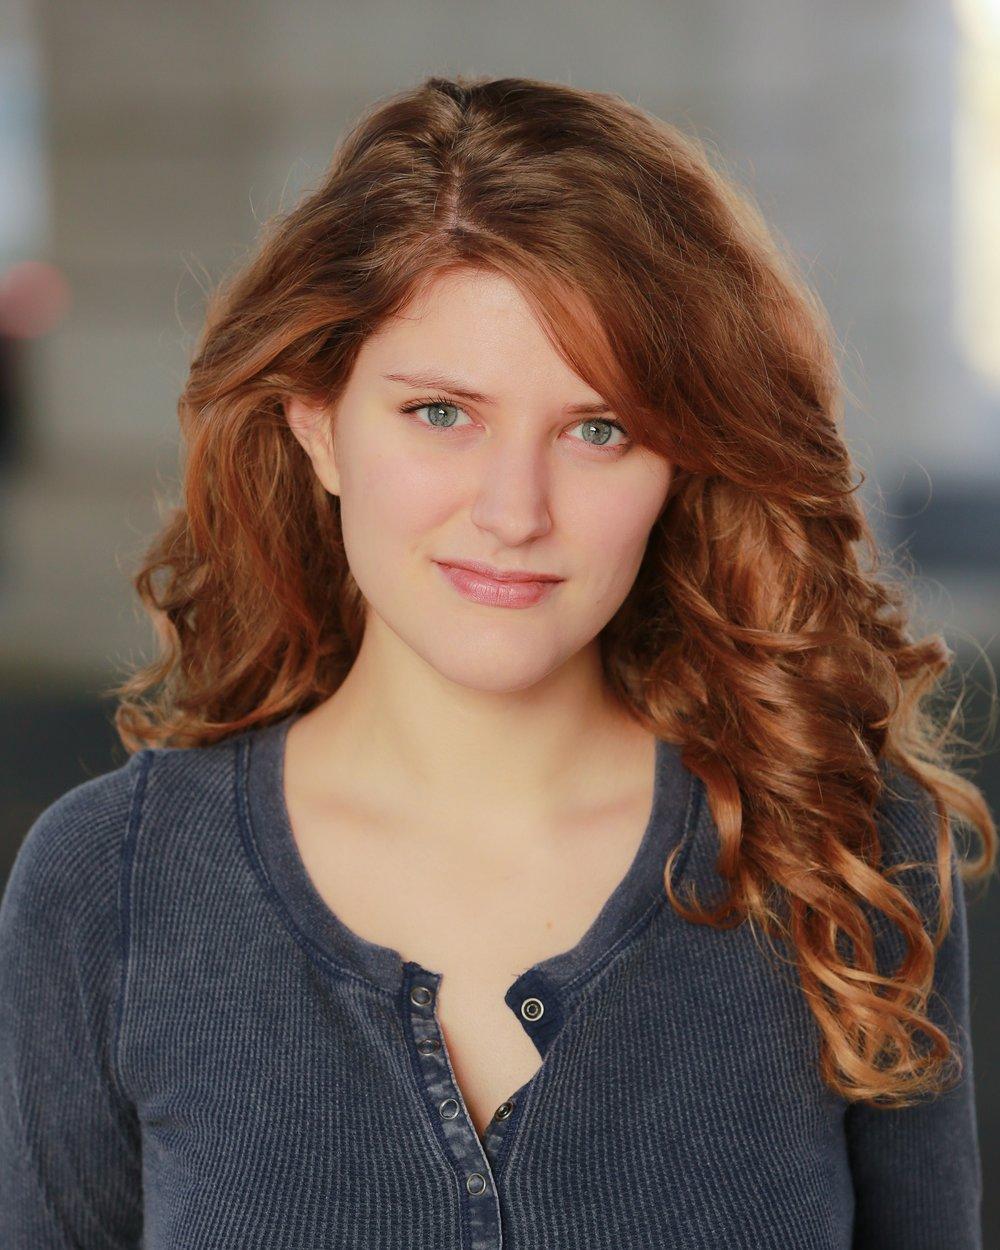 Maja - Jessica Hillenbrand